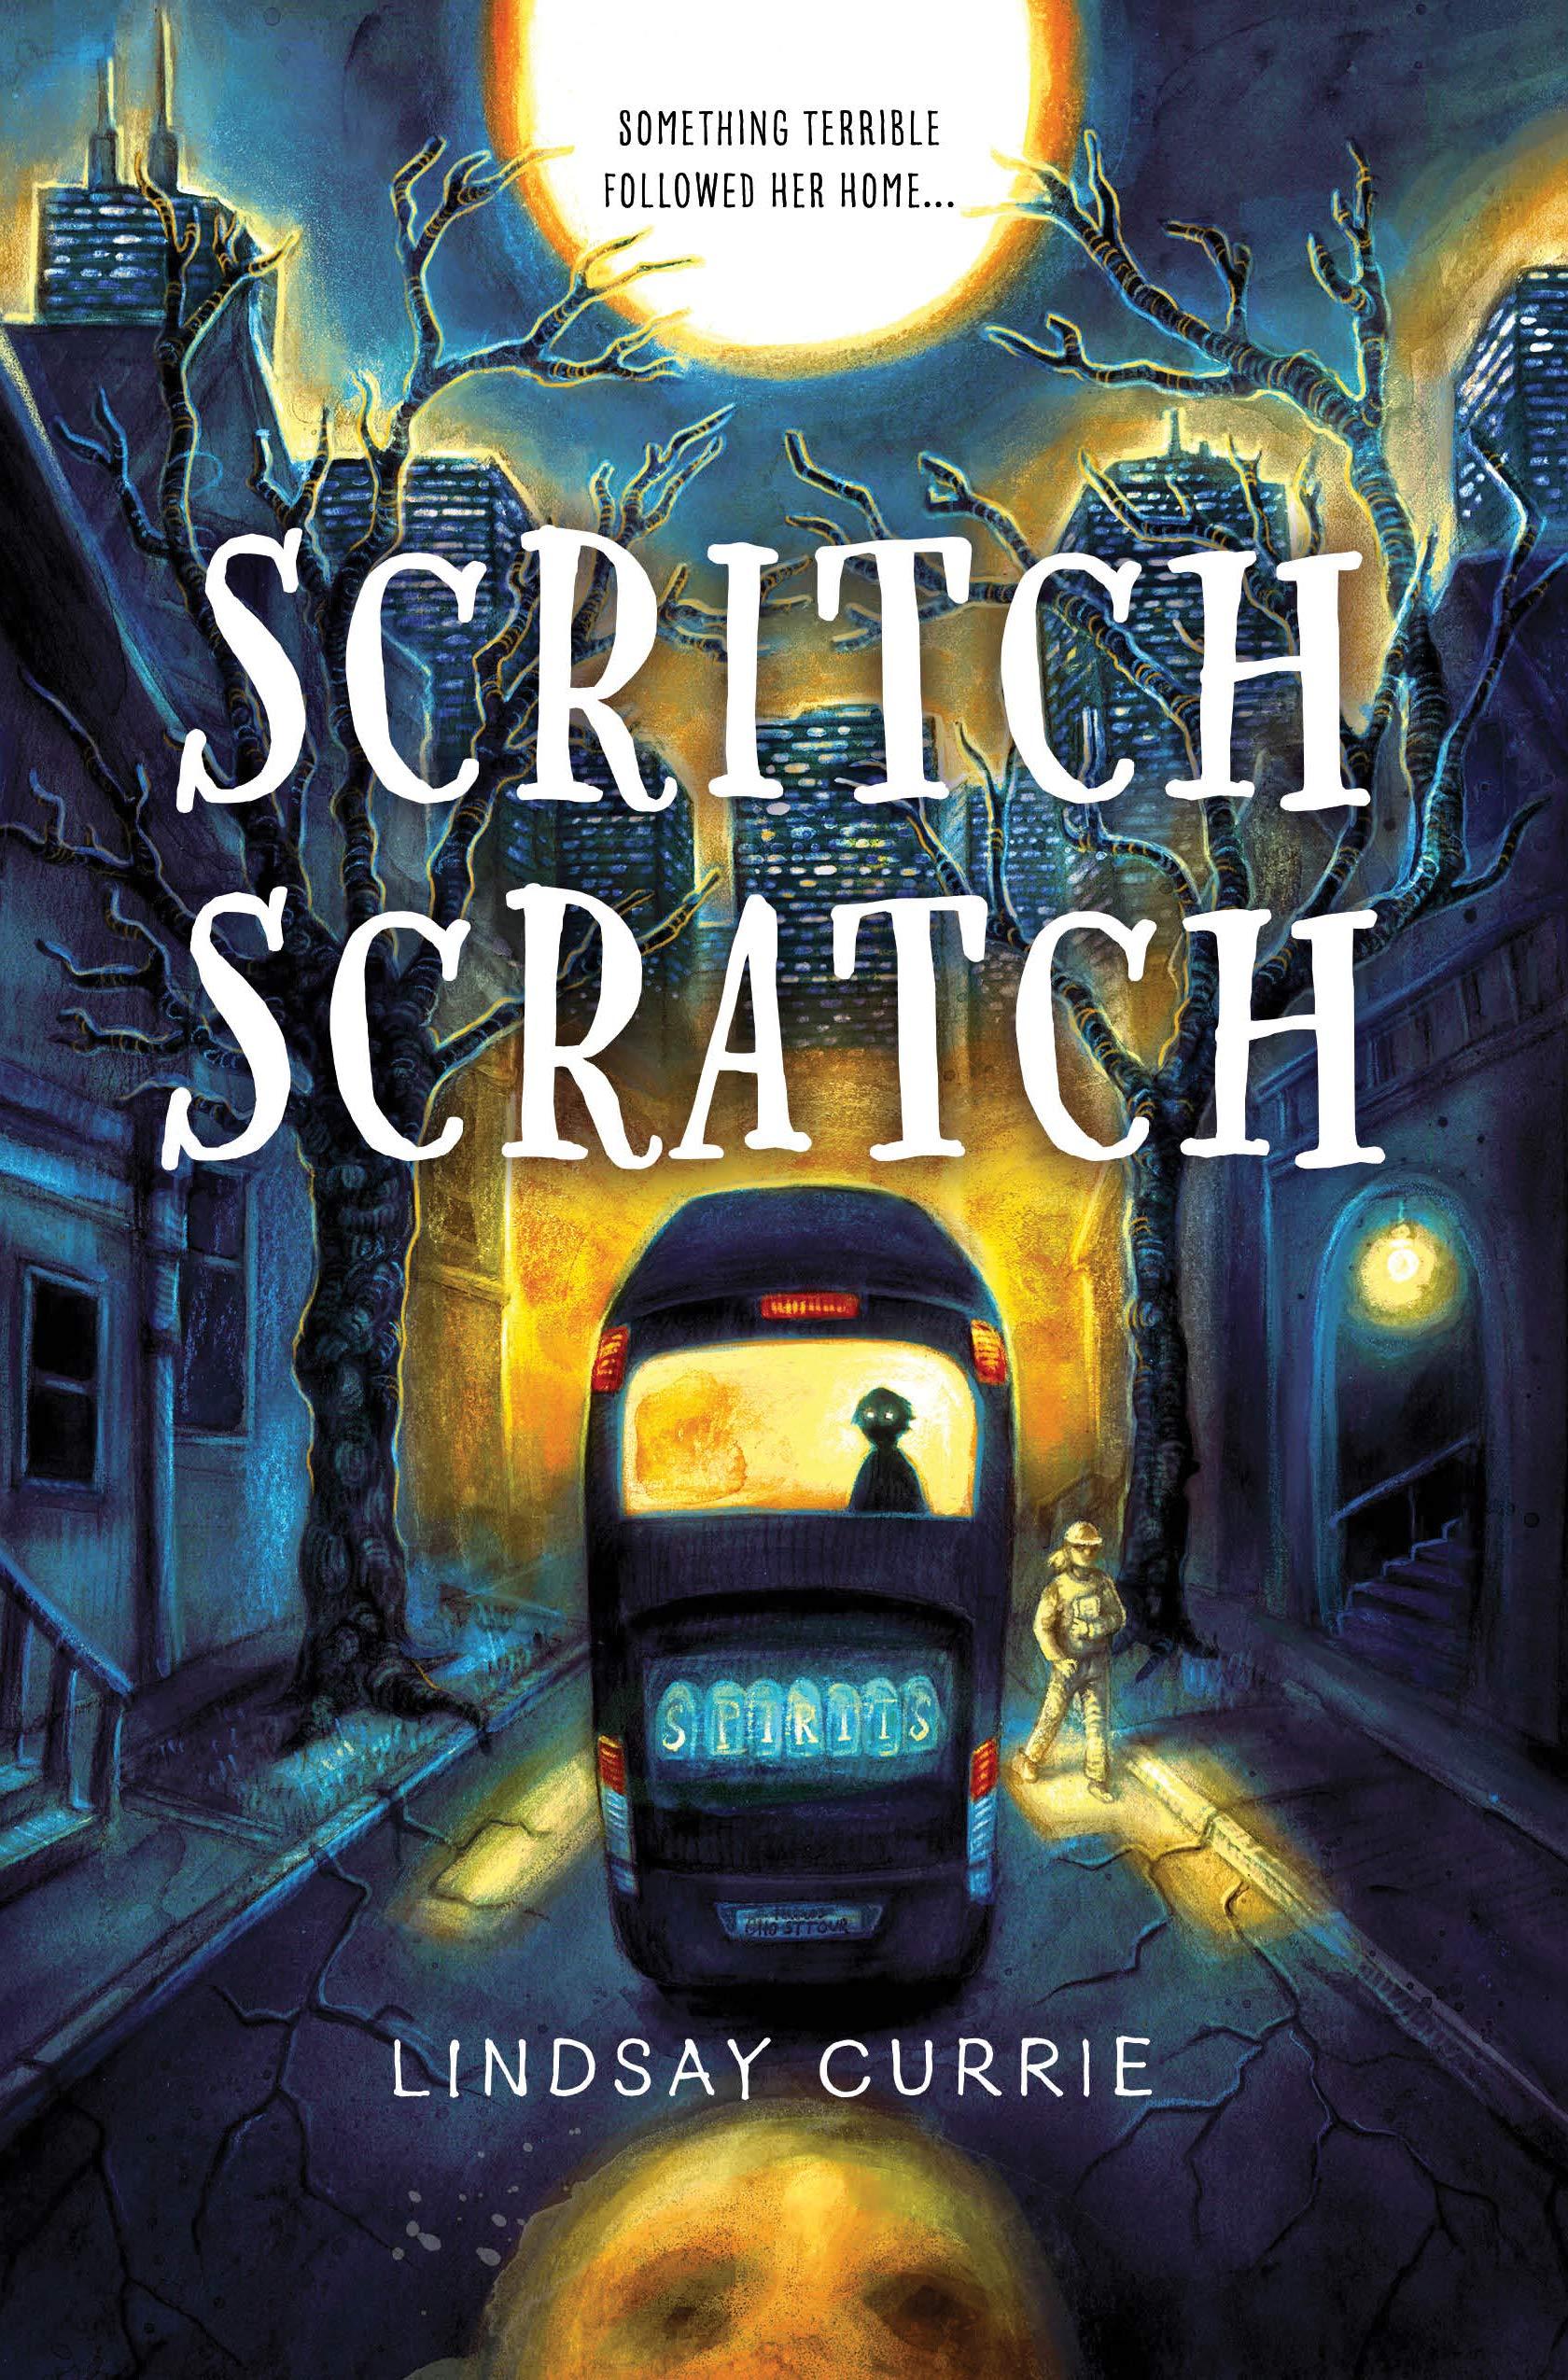 Scritch Scratch: Currie, Lindsay: 0760789294242: Books - Amazon.ca